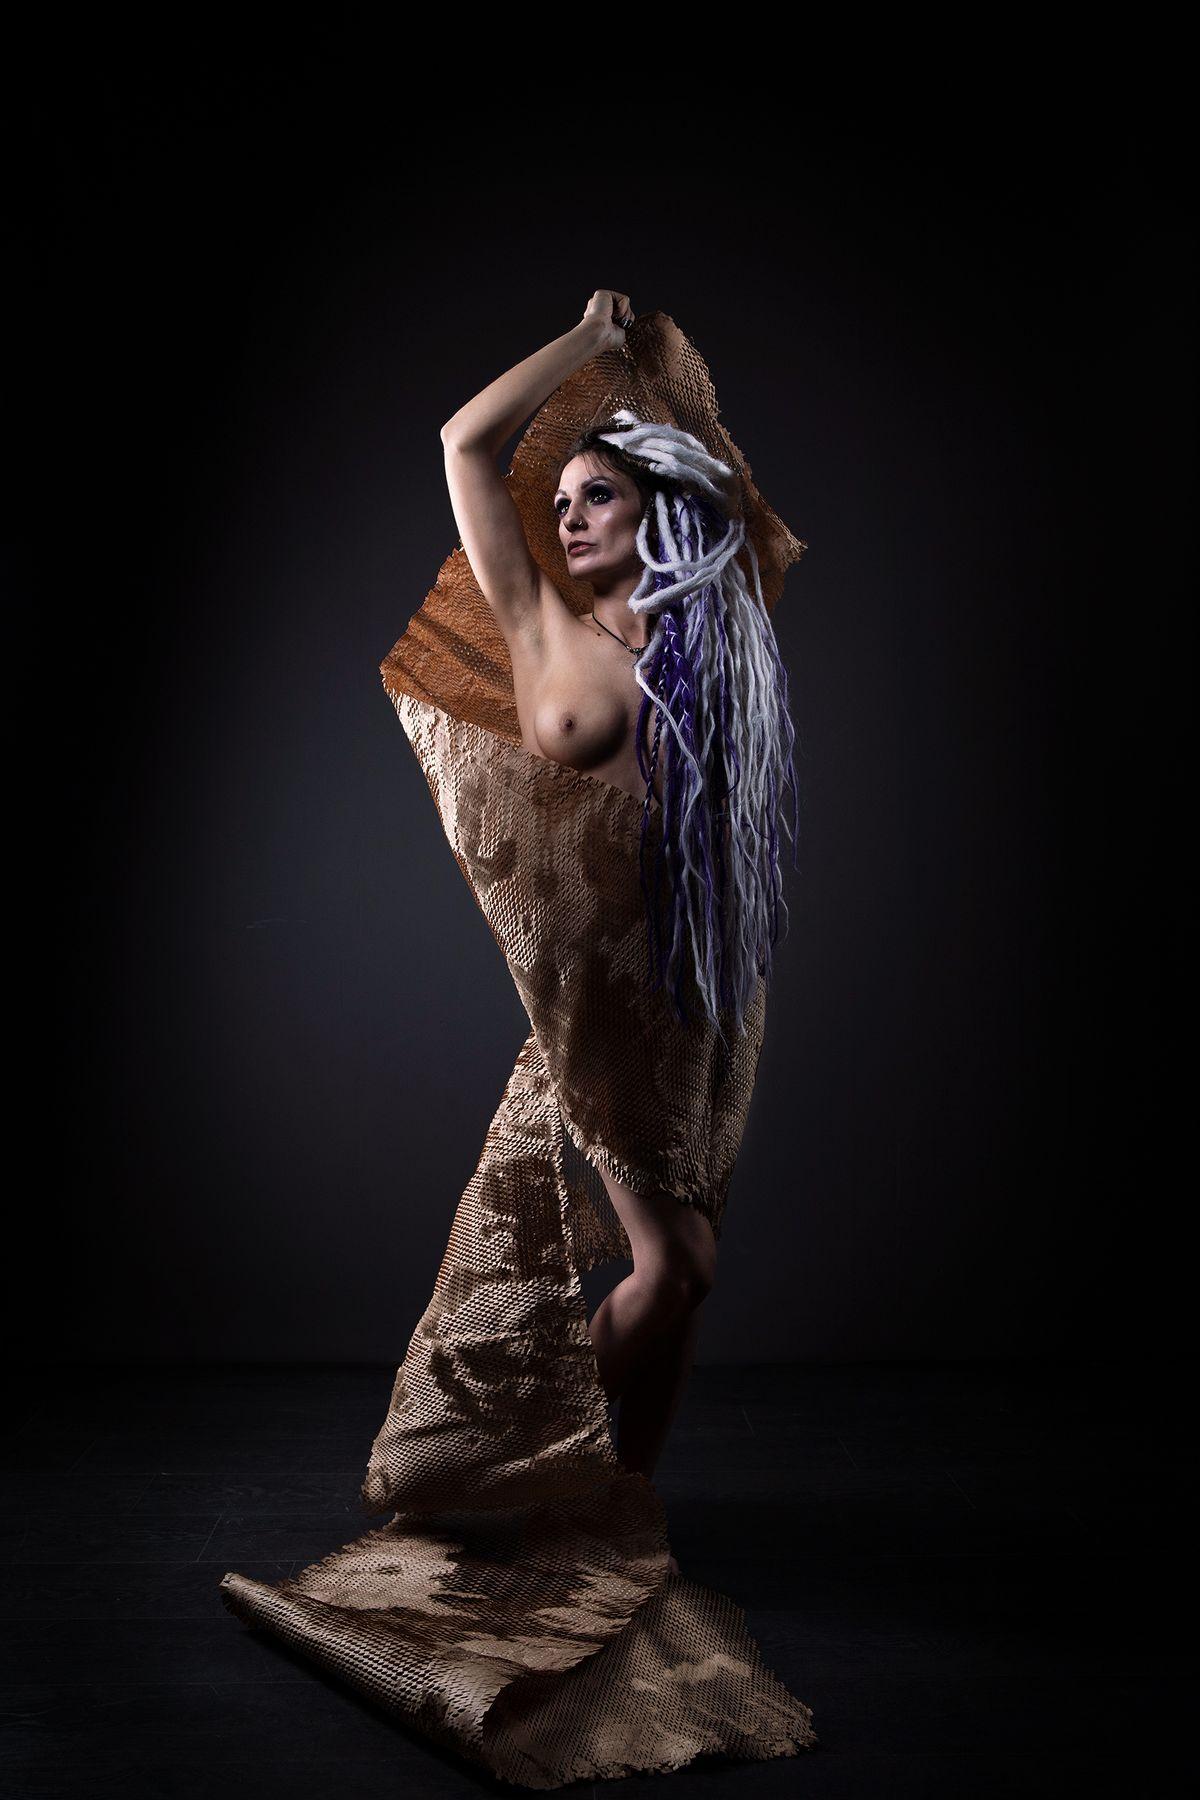 Модель Анна девушка бумага фотостудия